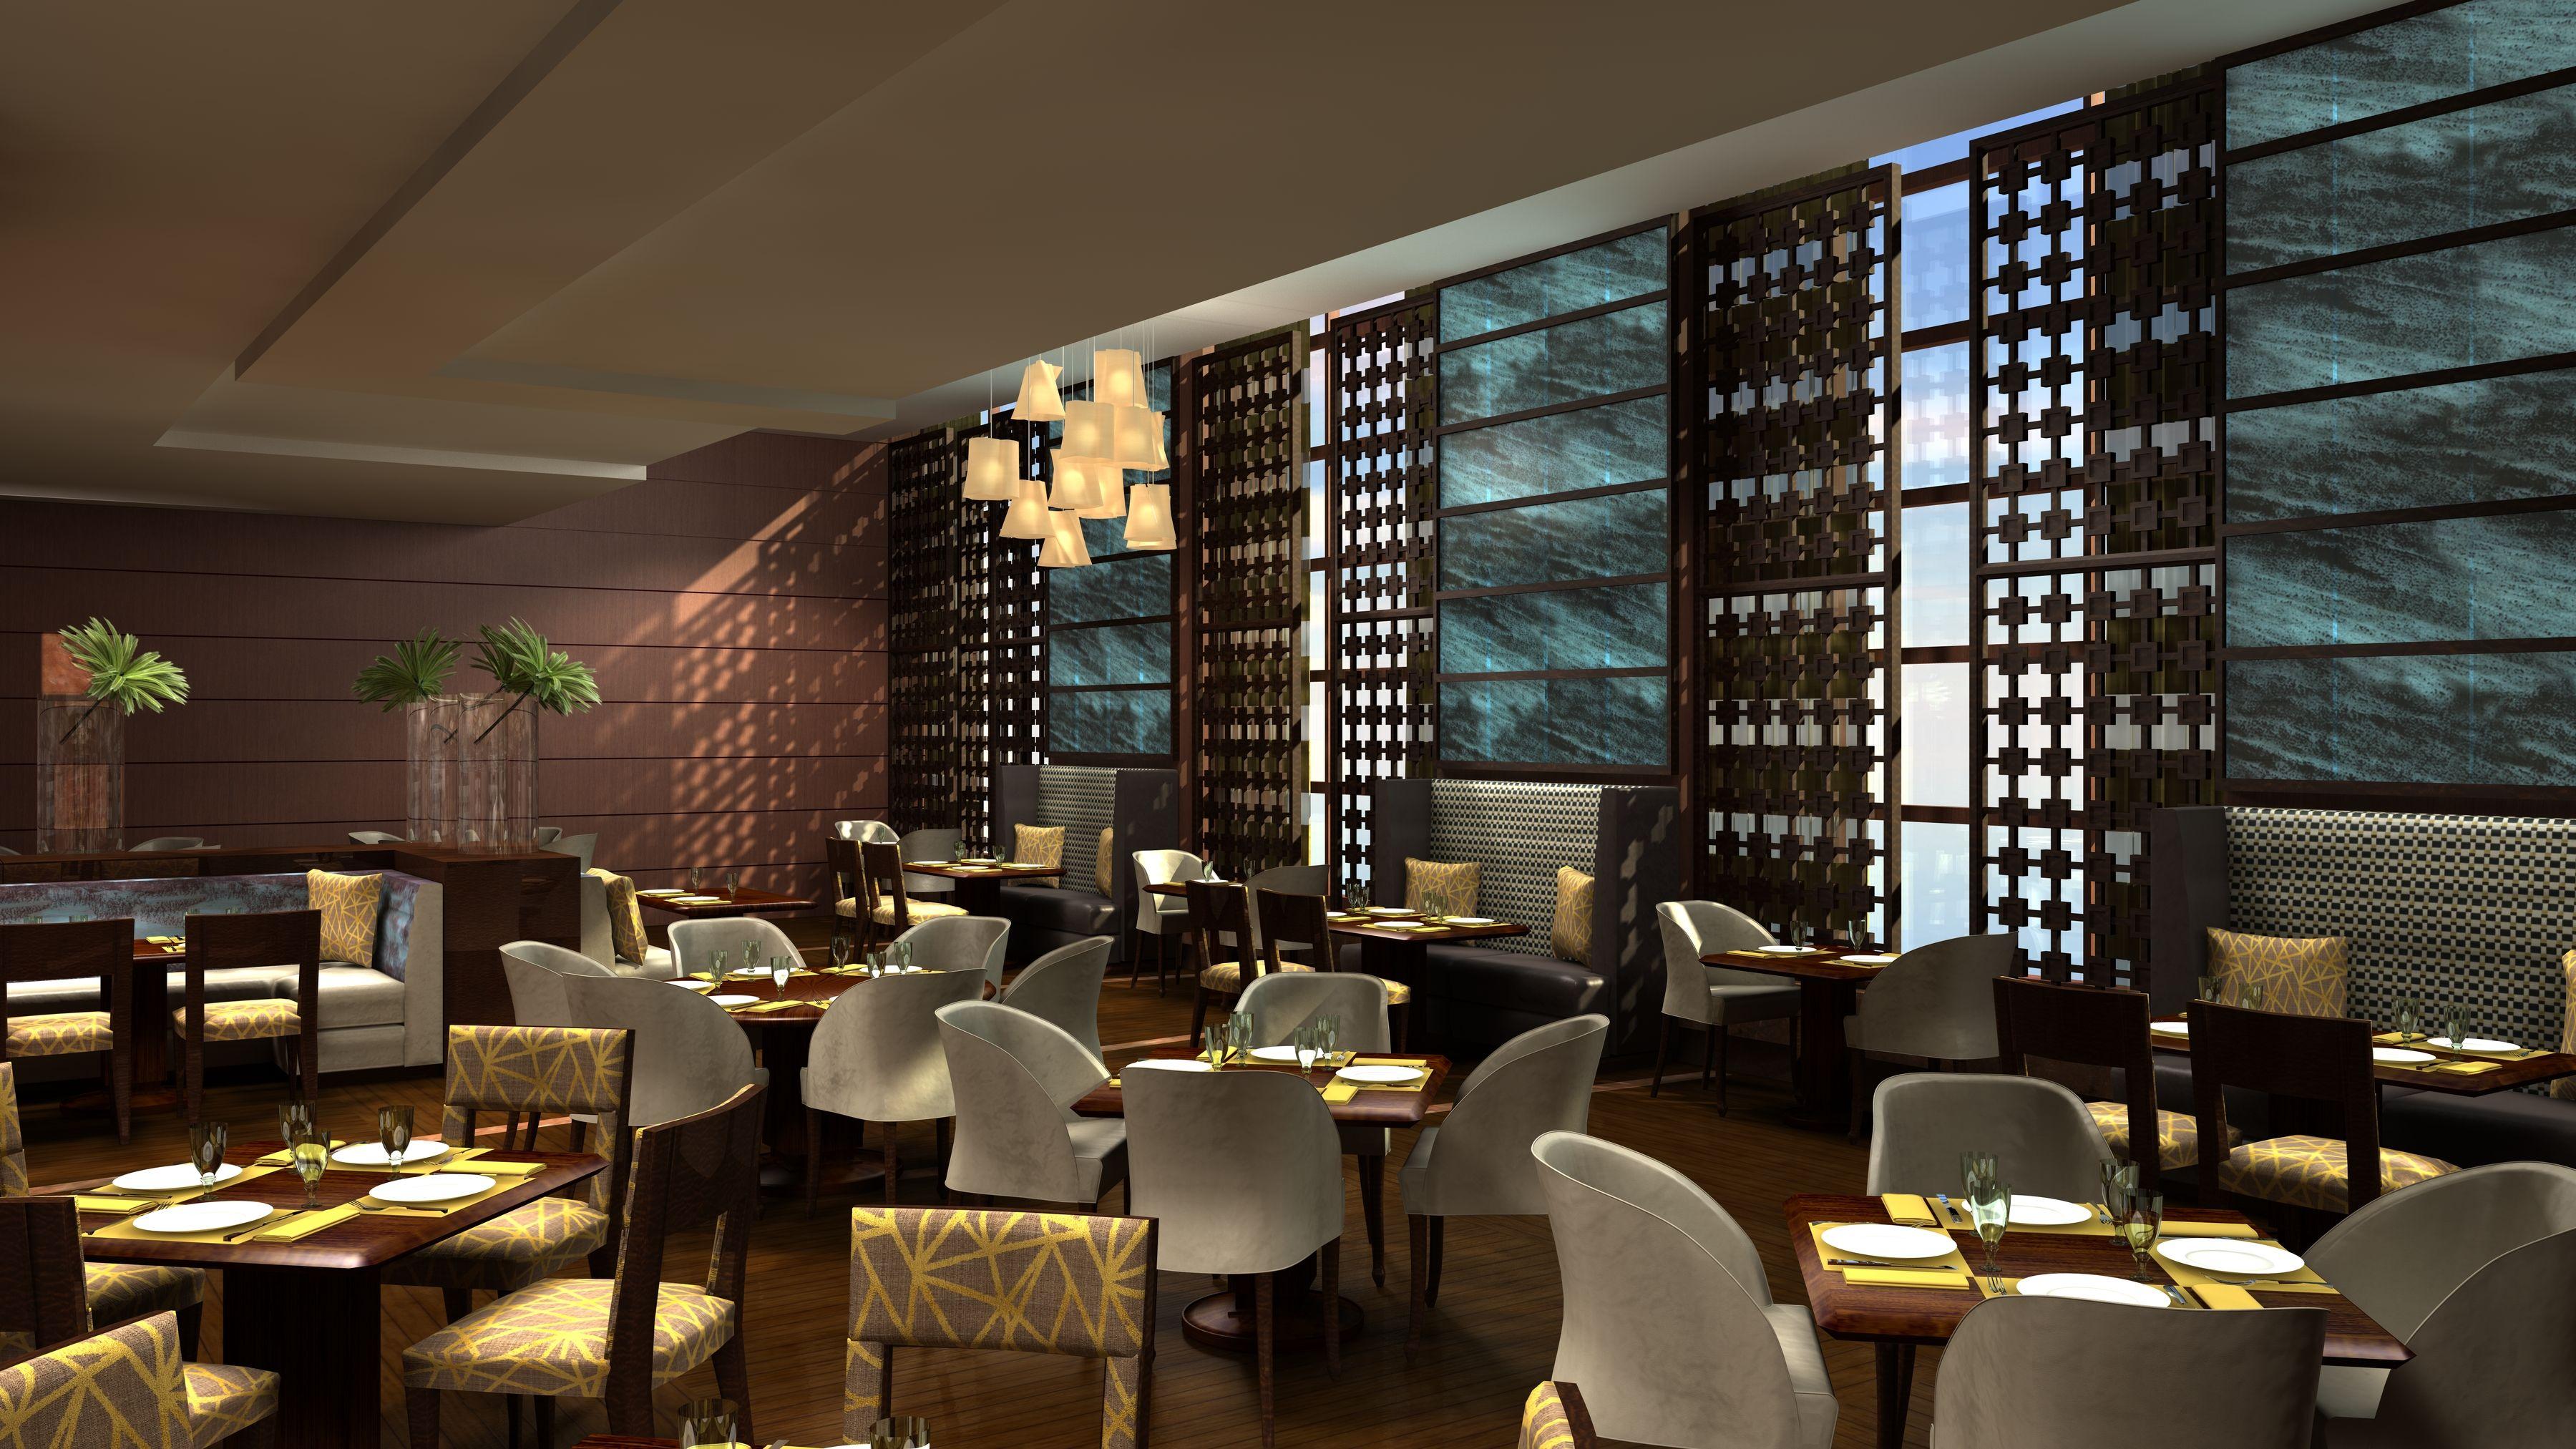 https://www.google.ro/blank.html | restaurants | pinterest